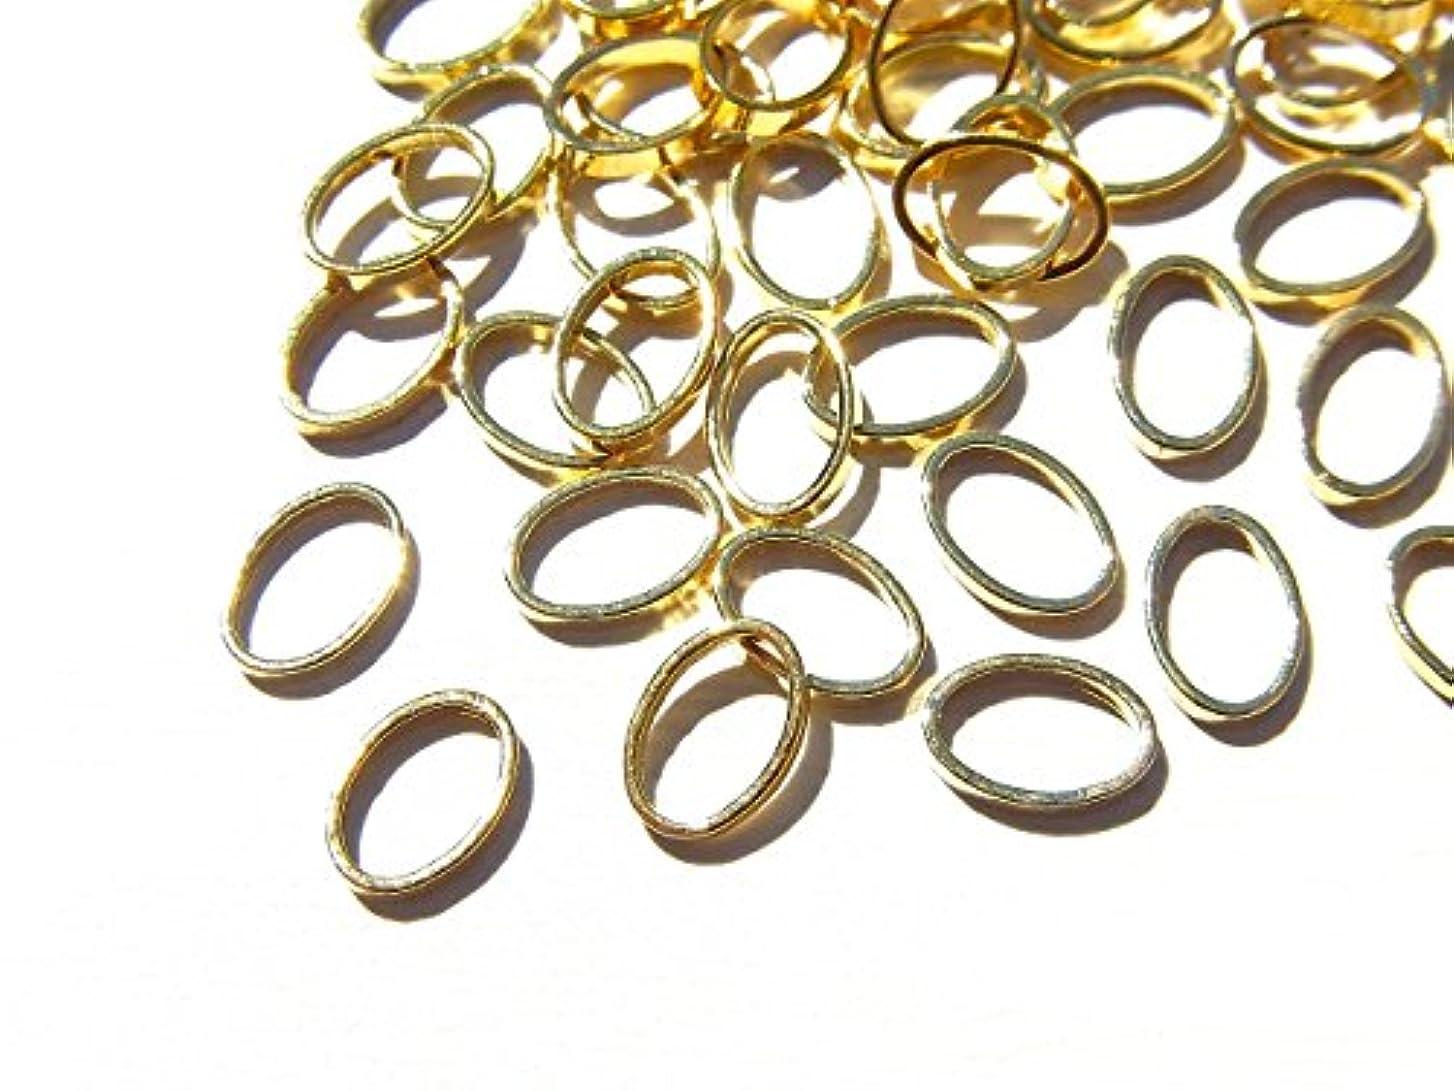 ホバー批評暖かさ【jewel】ゴールド 立体メタルパーツ 10個入り オーバル 型 (楕円) 直径6mm 厚み1mm 手芸 材料 レジン ネイルアート パーツ 素材